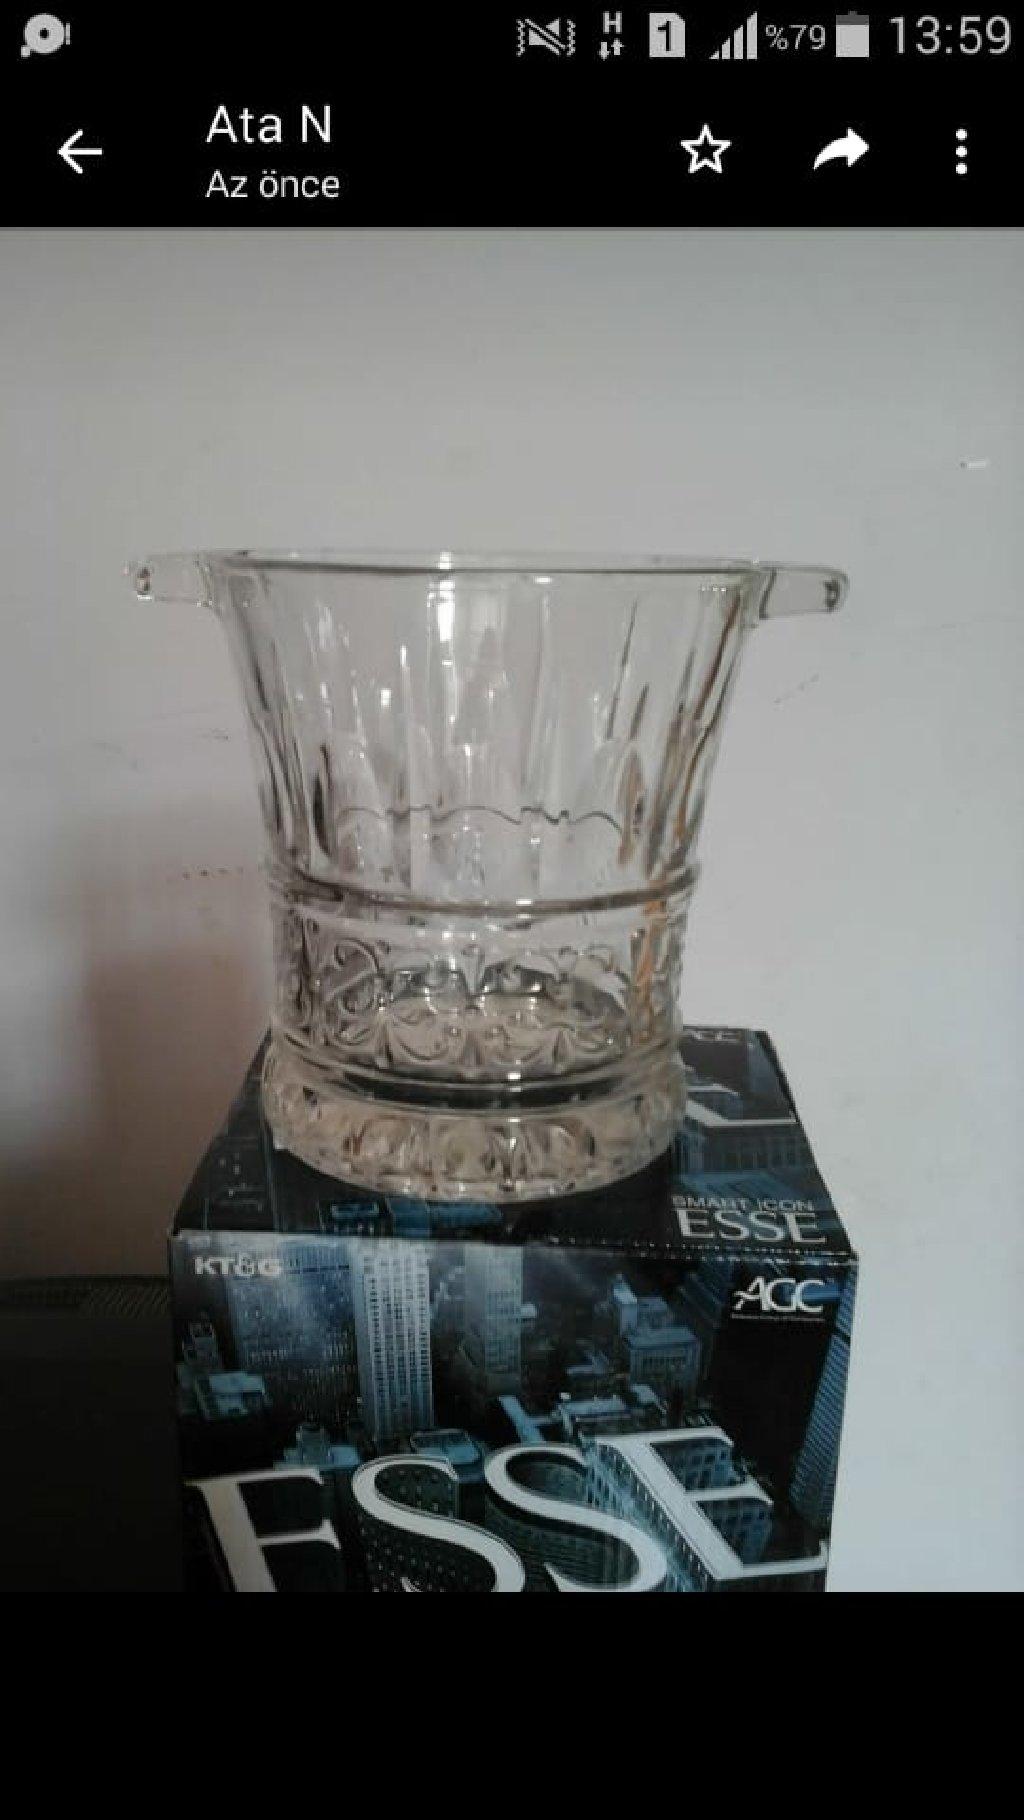 Buz qabı,Vareniya qabı,Çərəz qabı kimi istifadə olunurKoreya MalıdıCox: Buz qabı,Vareniya qabı,Çərəz qabı kimi istifadə olunurKoreya MalıdıCox